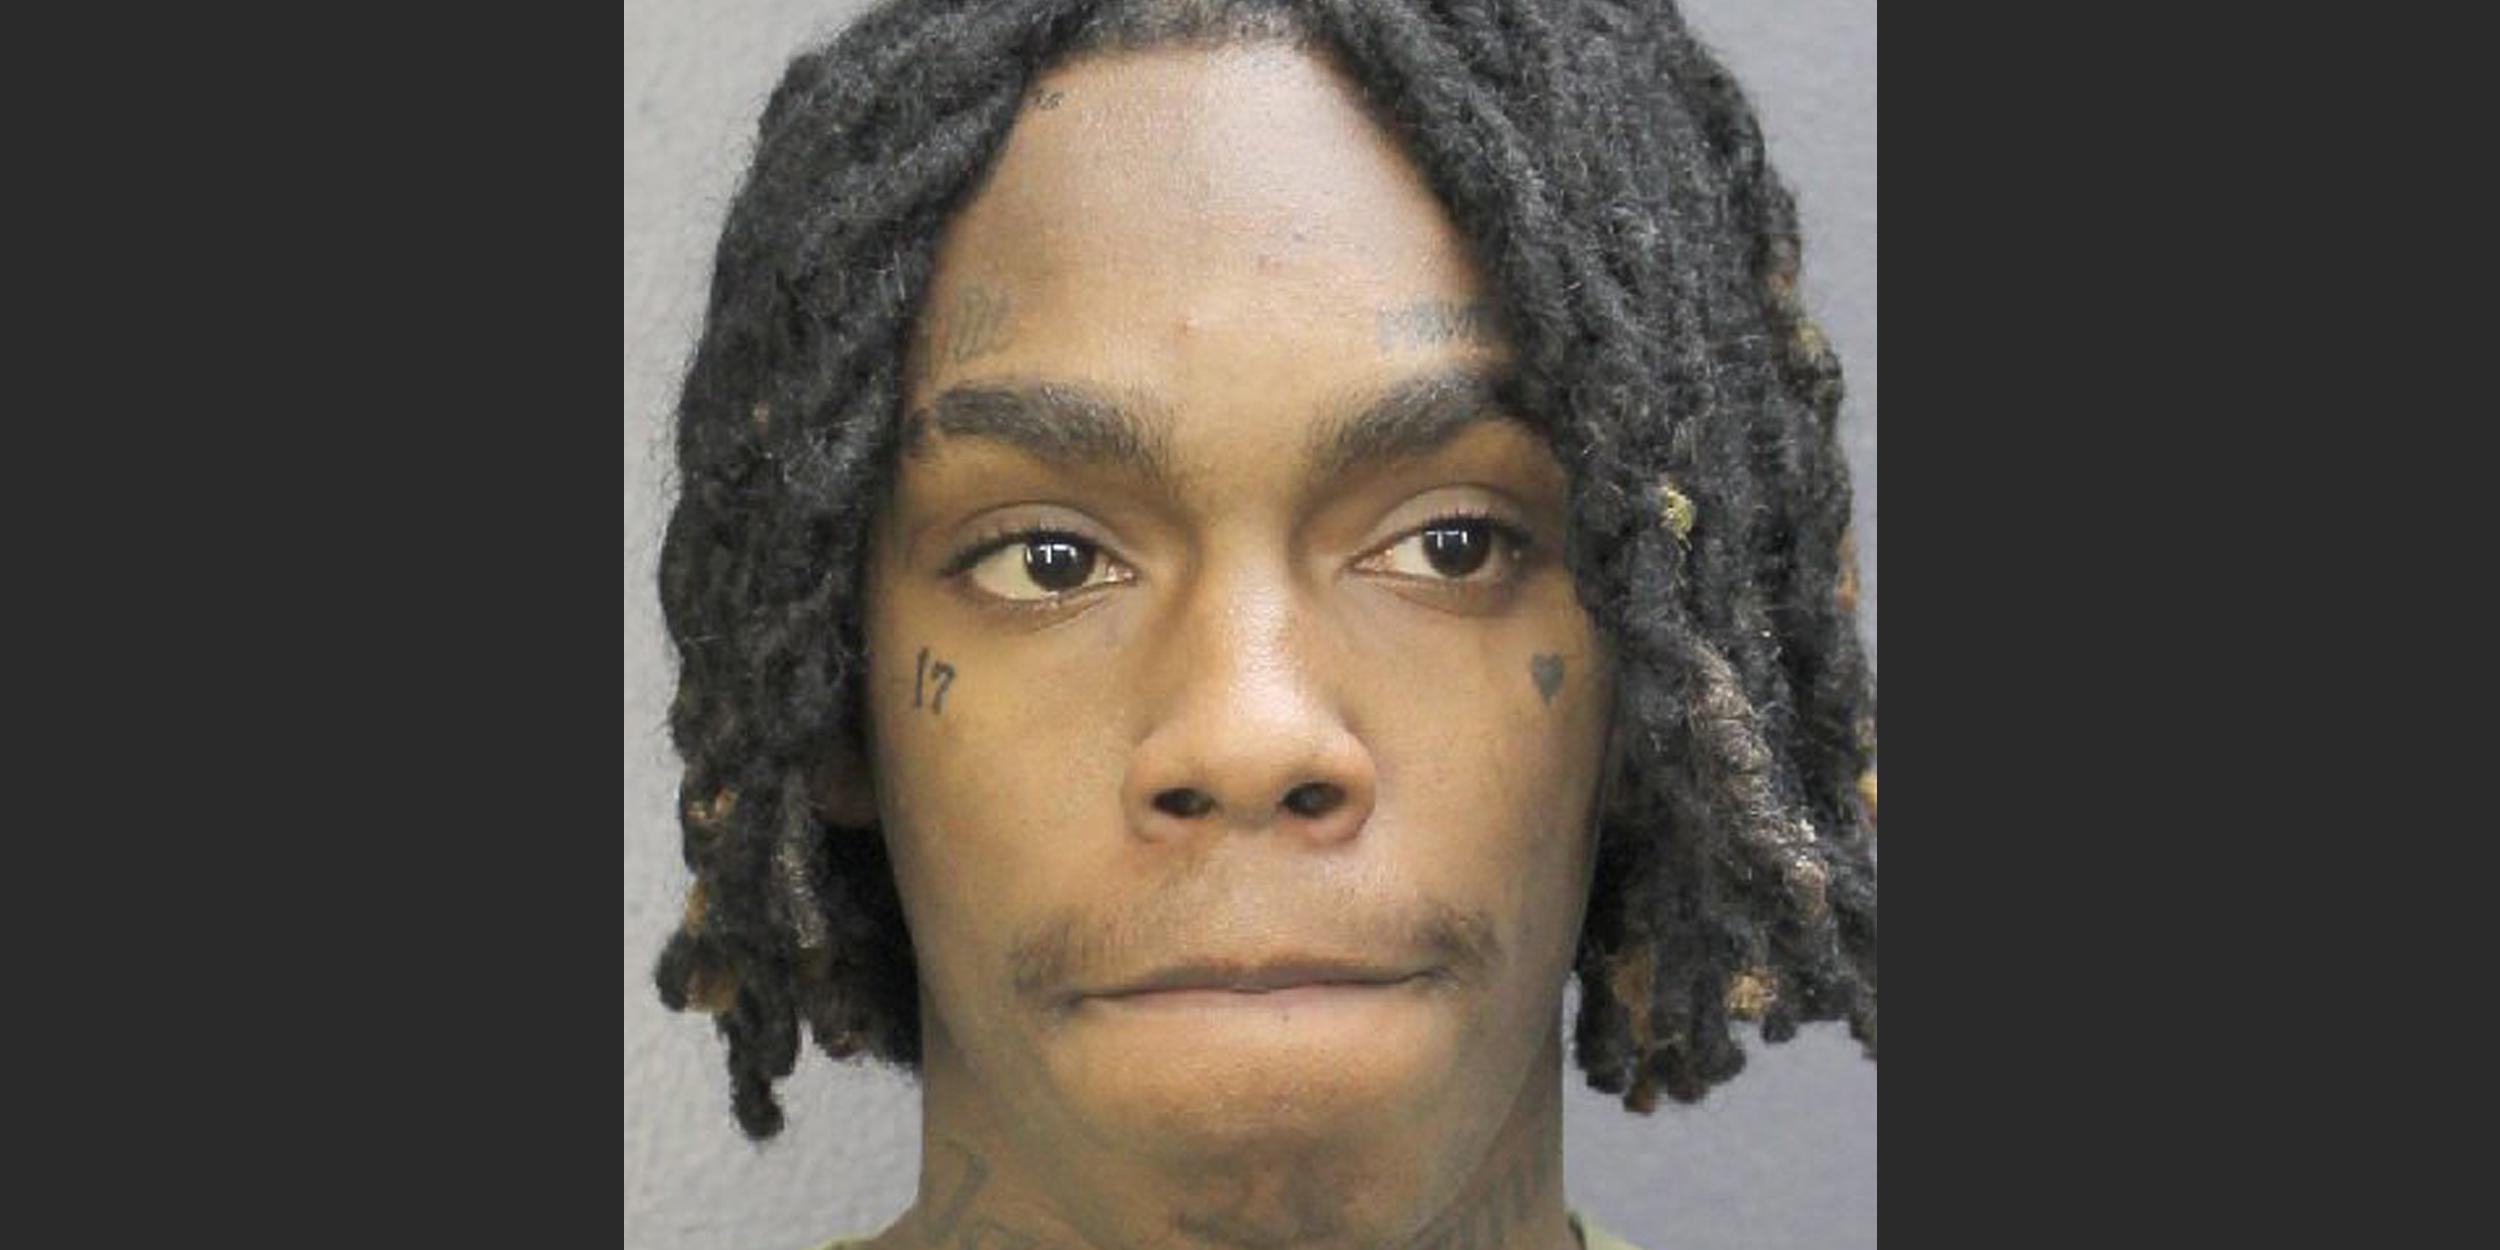 Florida prosecutors seek death penalty against rapper YNW Melly in double murder case